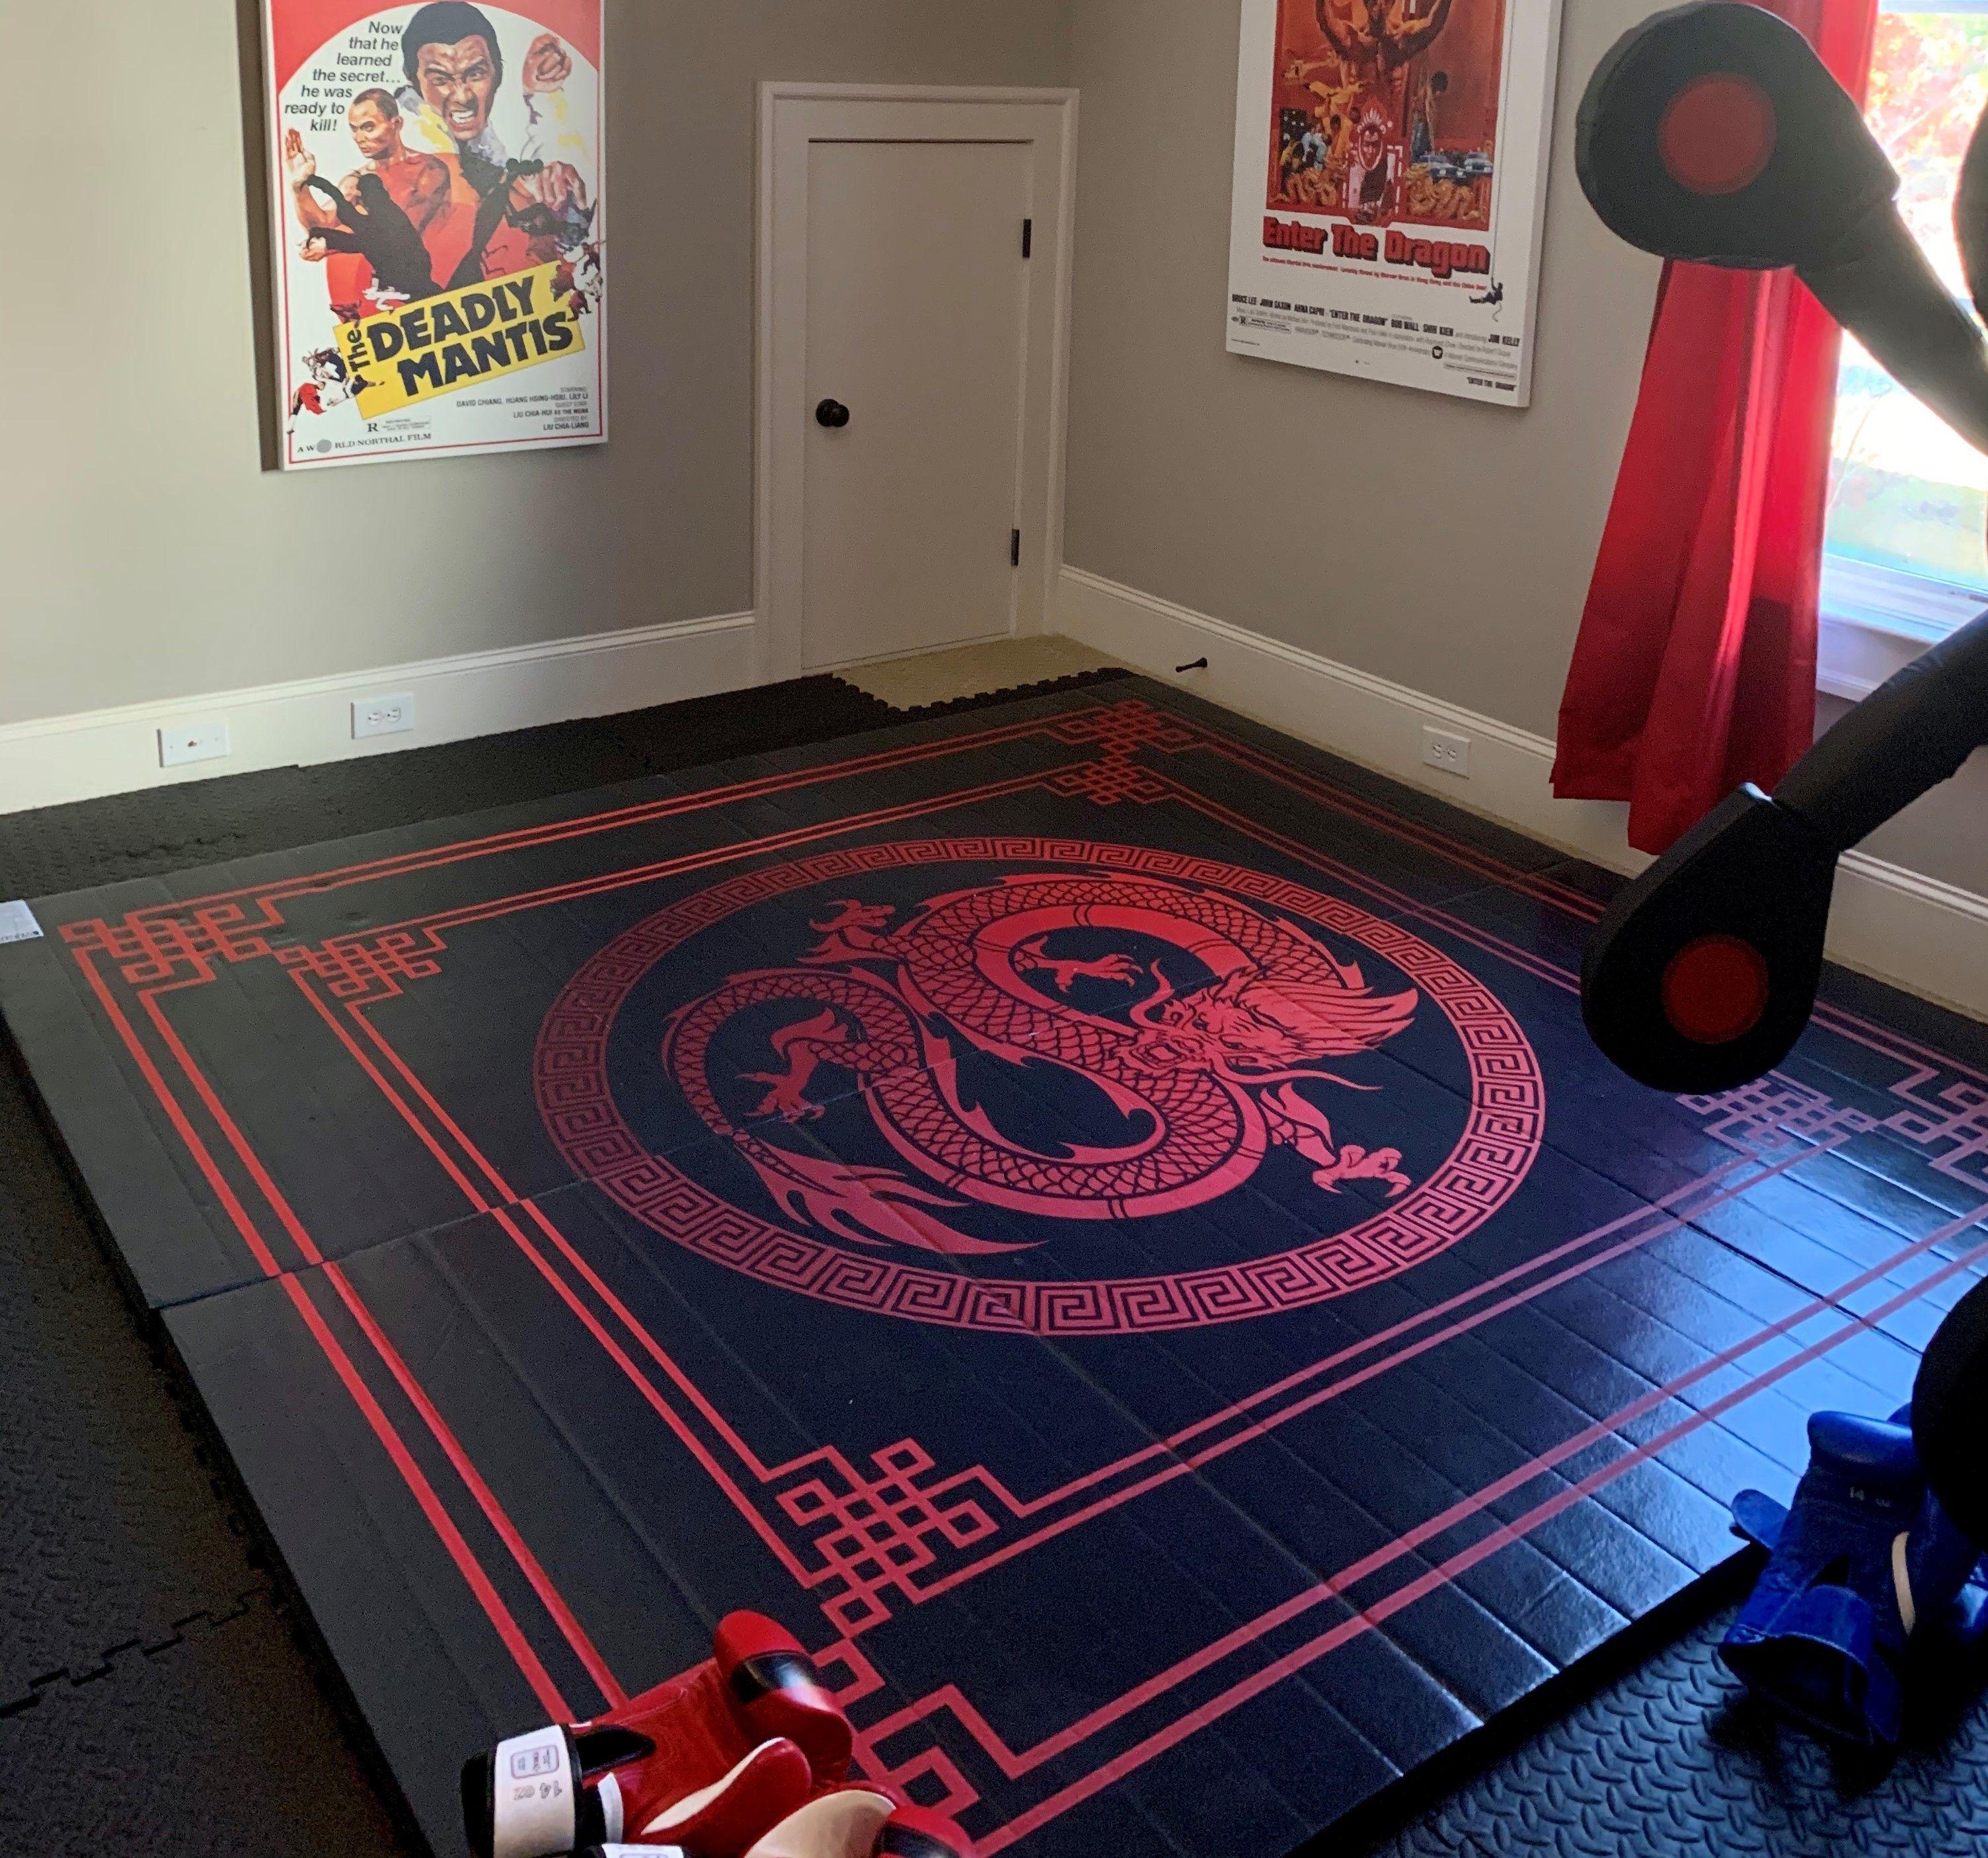 Dragon Digitally Printed 8 X 8 X 1 3 8 Roll Up Mma Grappling Mat Martial Arts Mats Grappling Mats Diy Home Gym